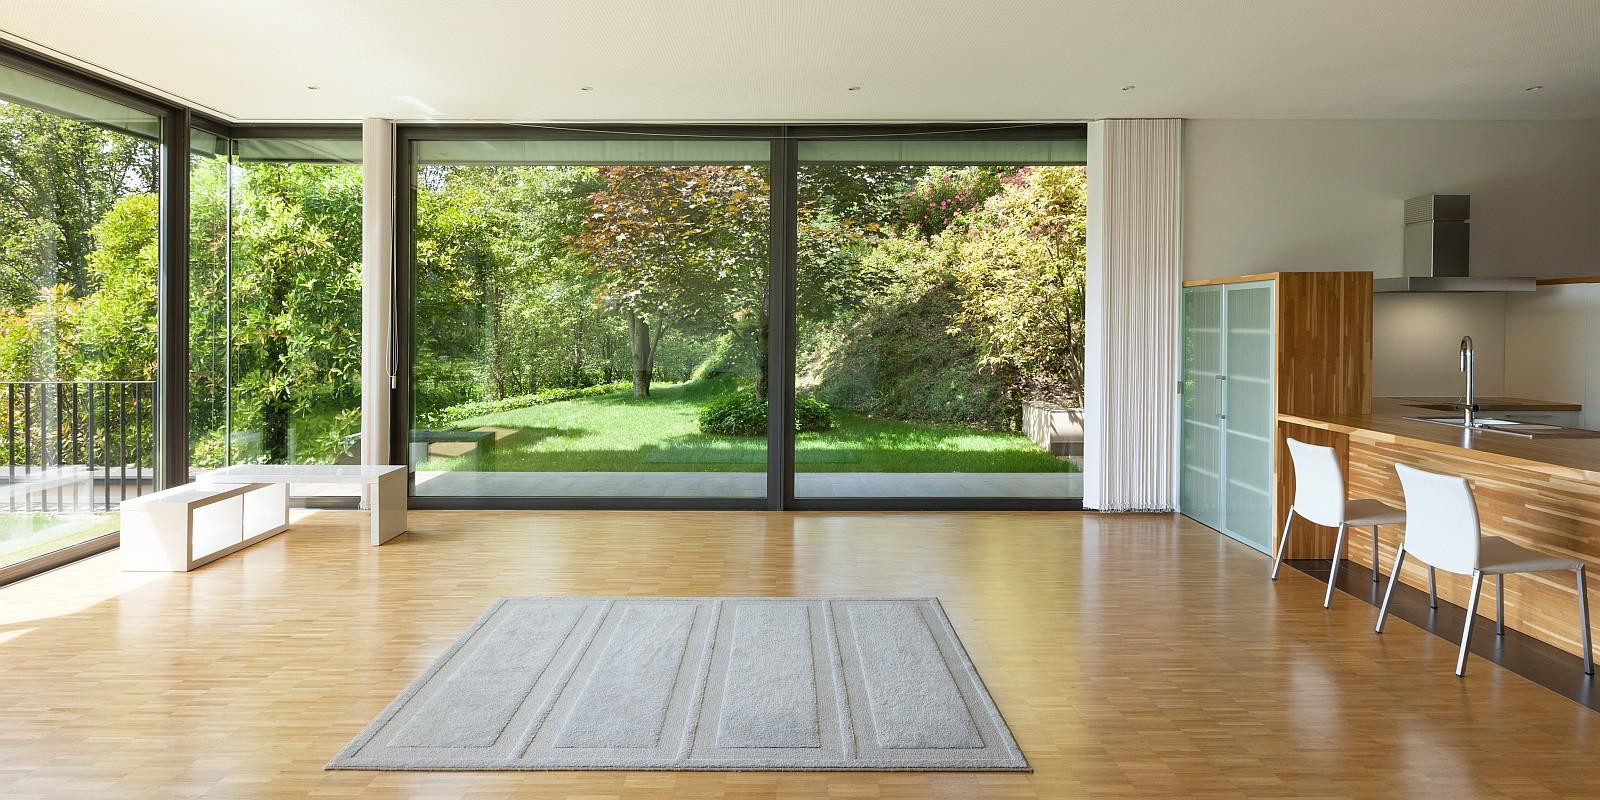 Okna Pcv Drewniane Drzwi Zewnętrzne Systemy Przesuwne